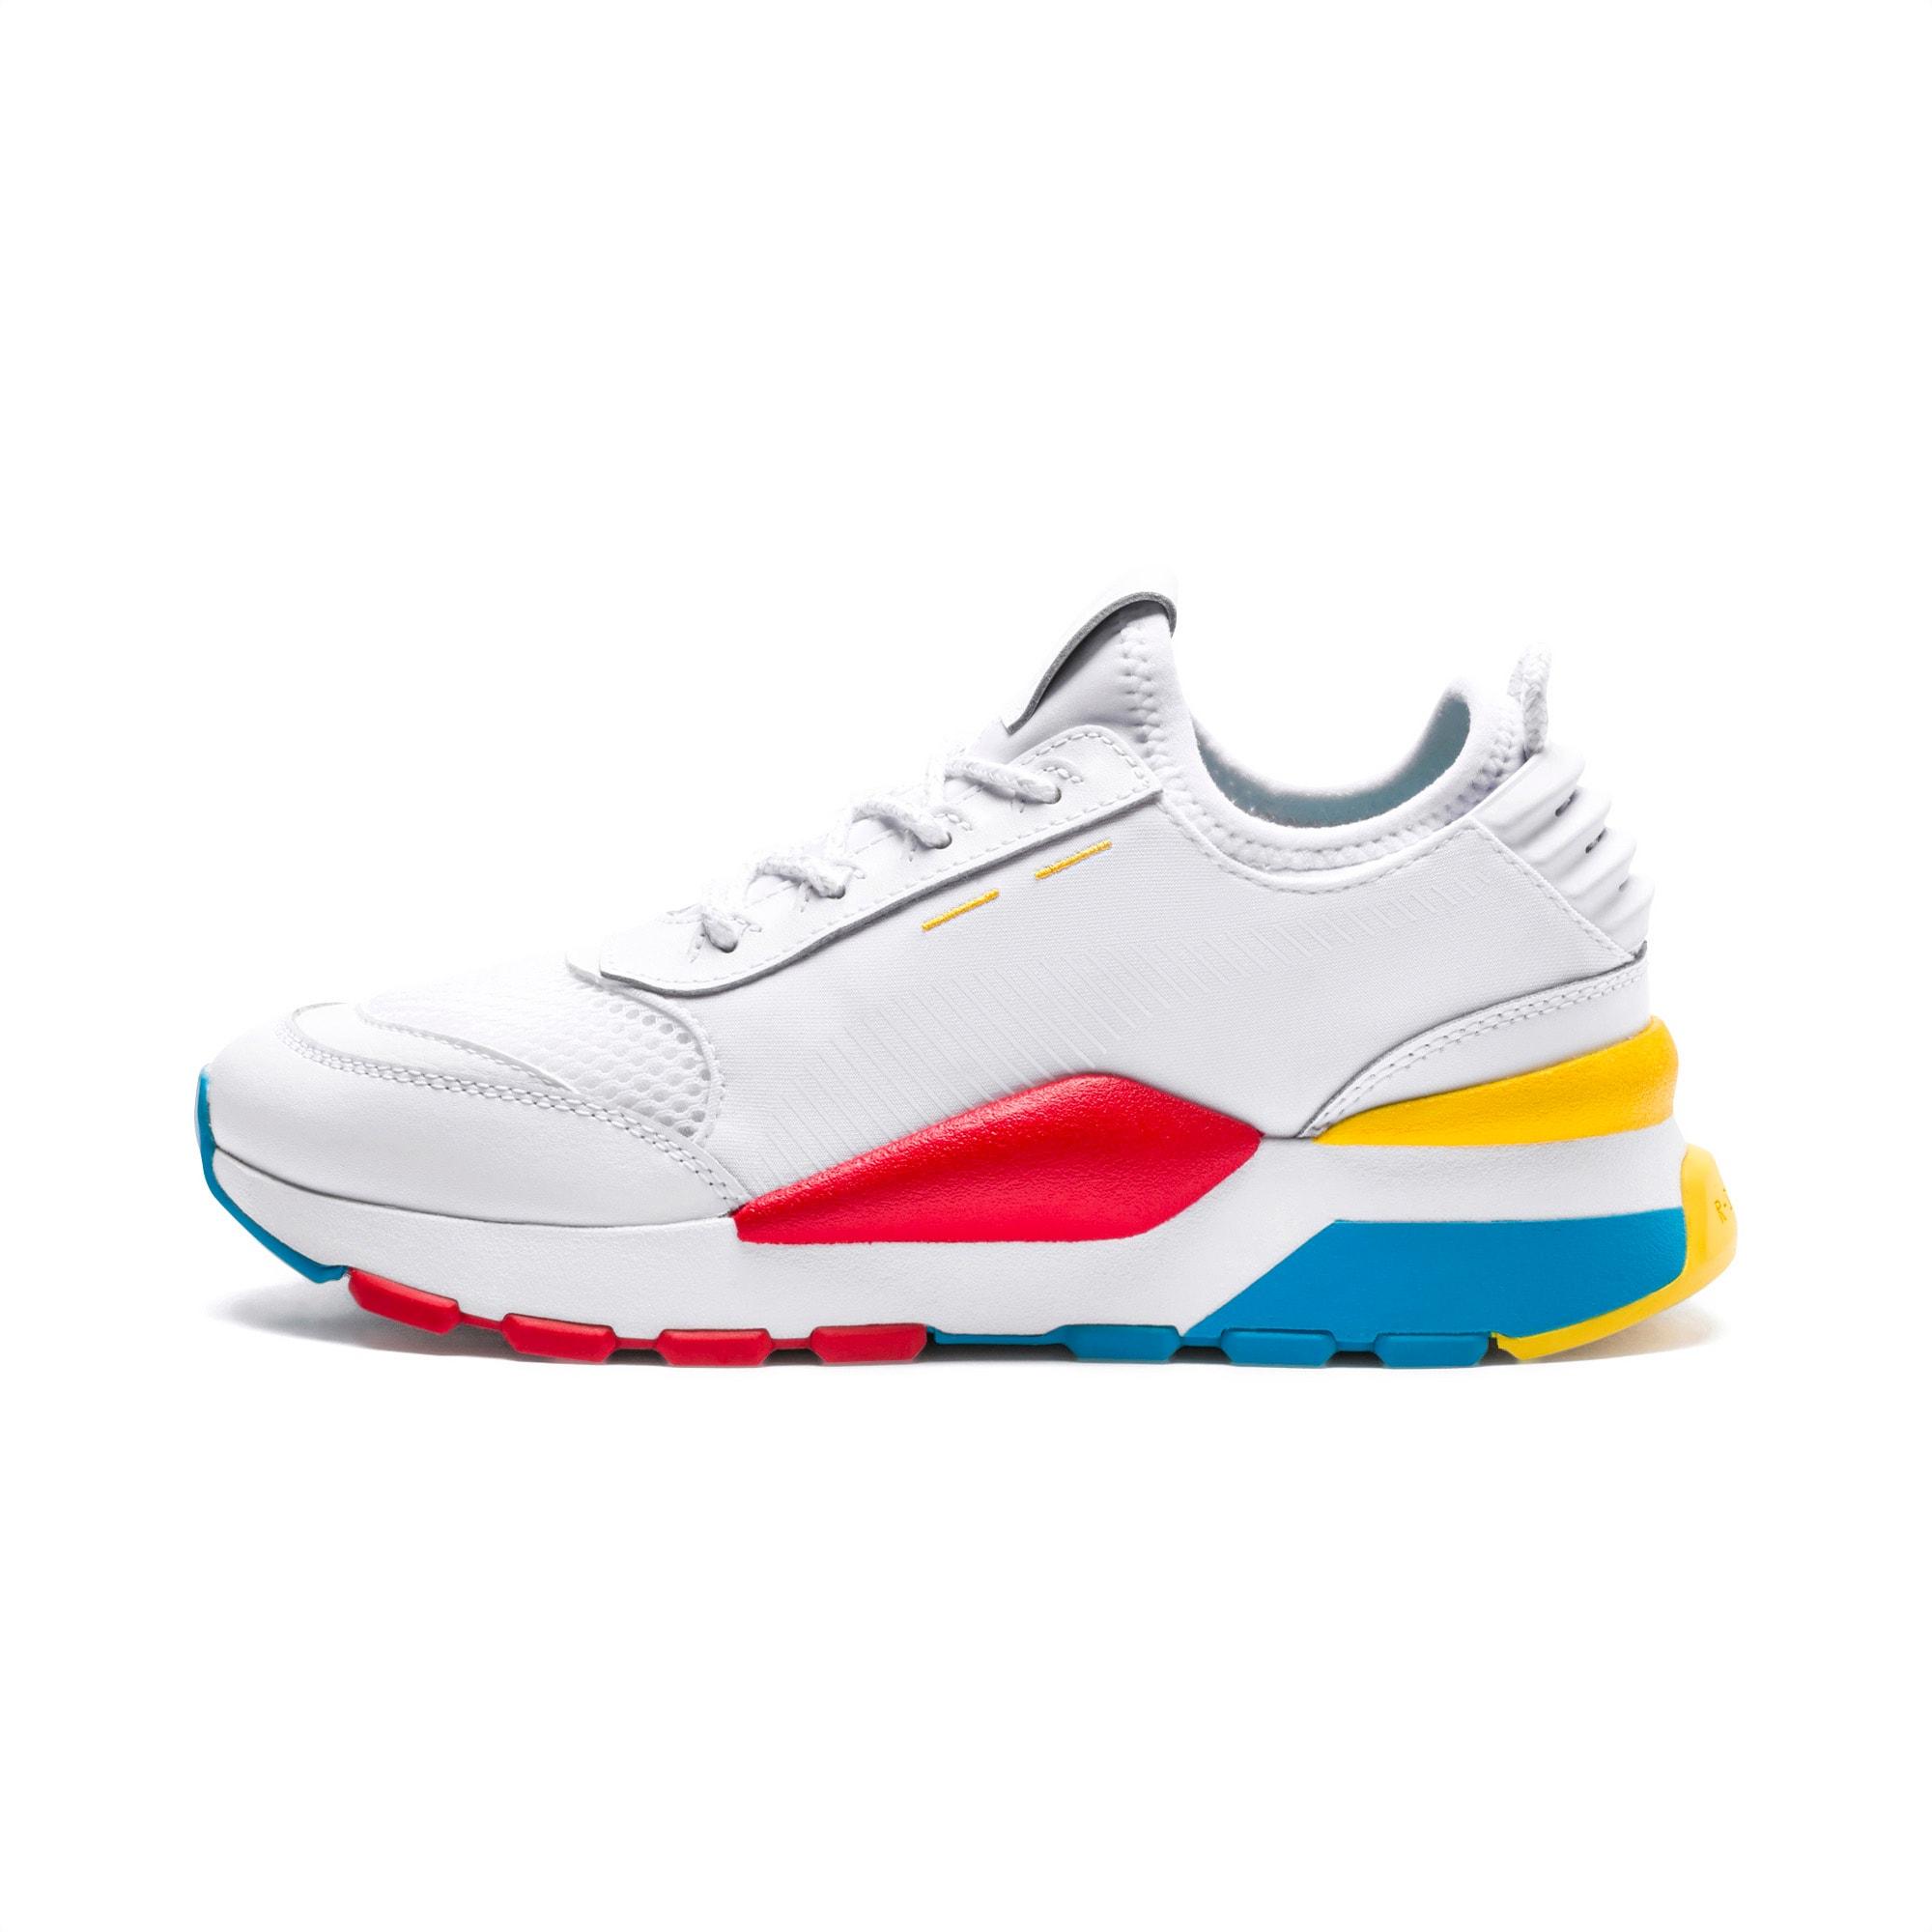 RS-0 Play Sneakers JR